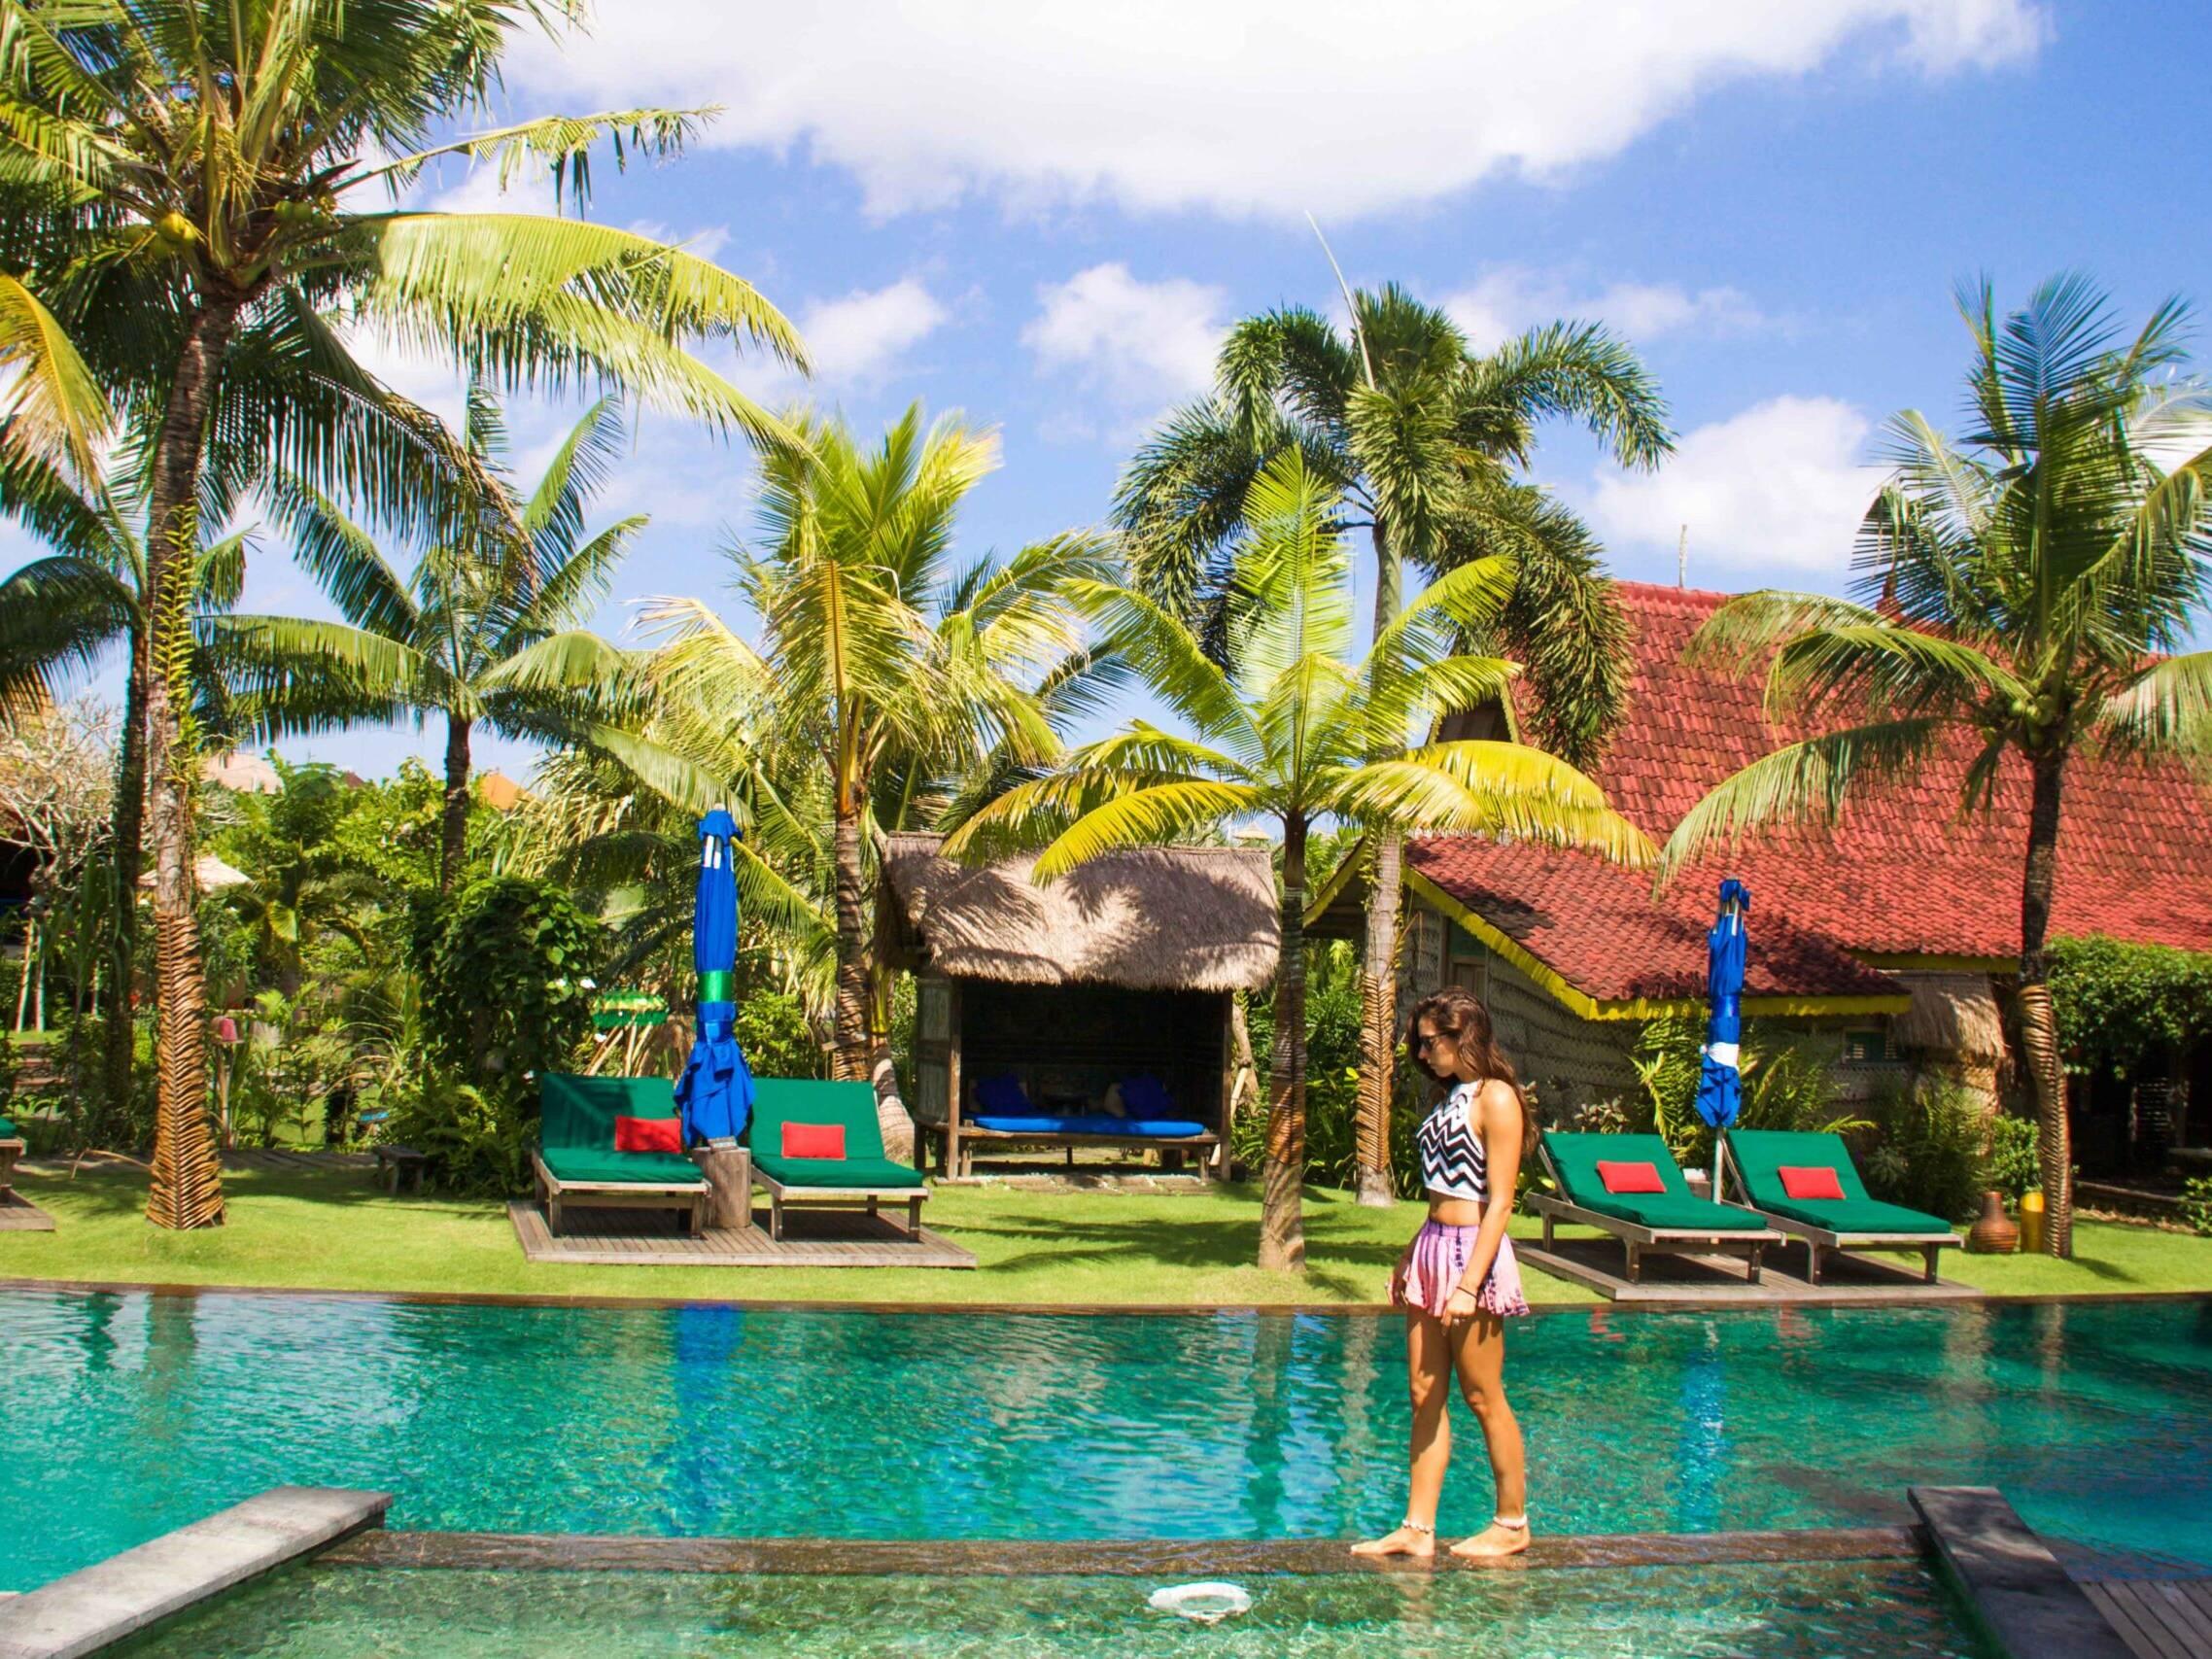 Swimming pool at Desa Seni Canggu